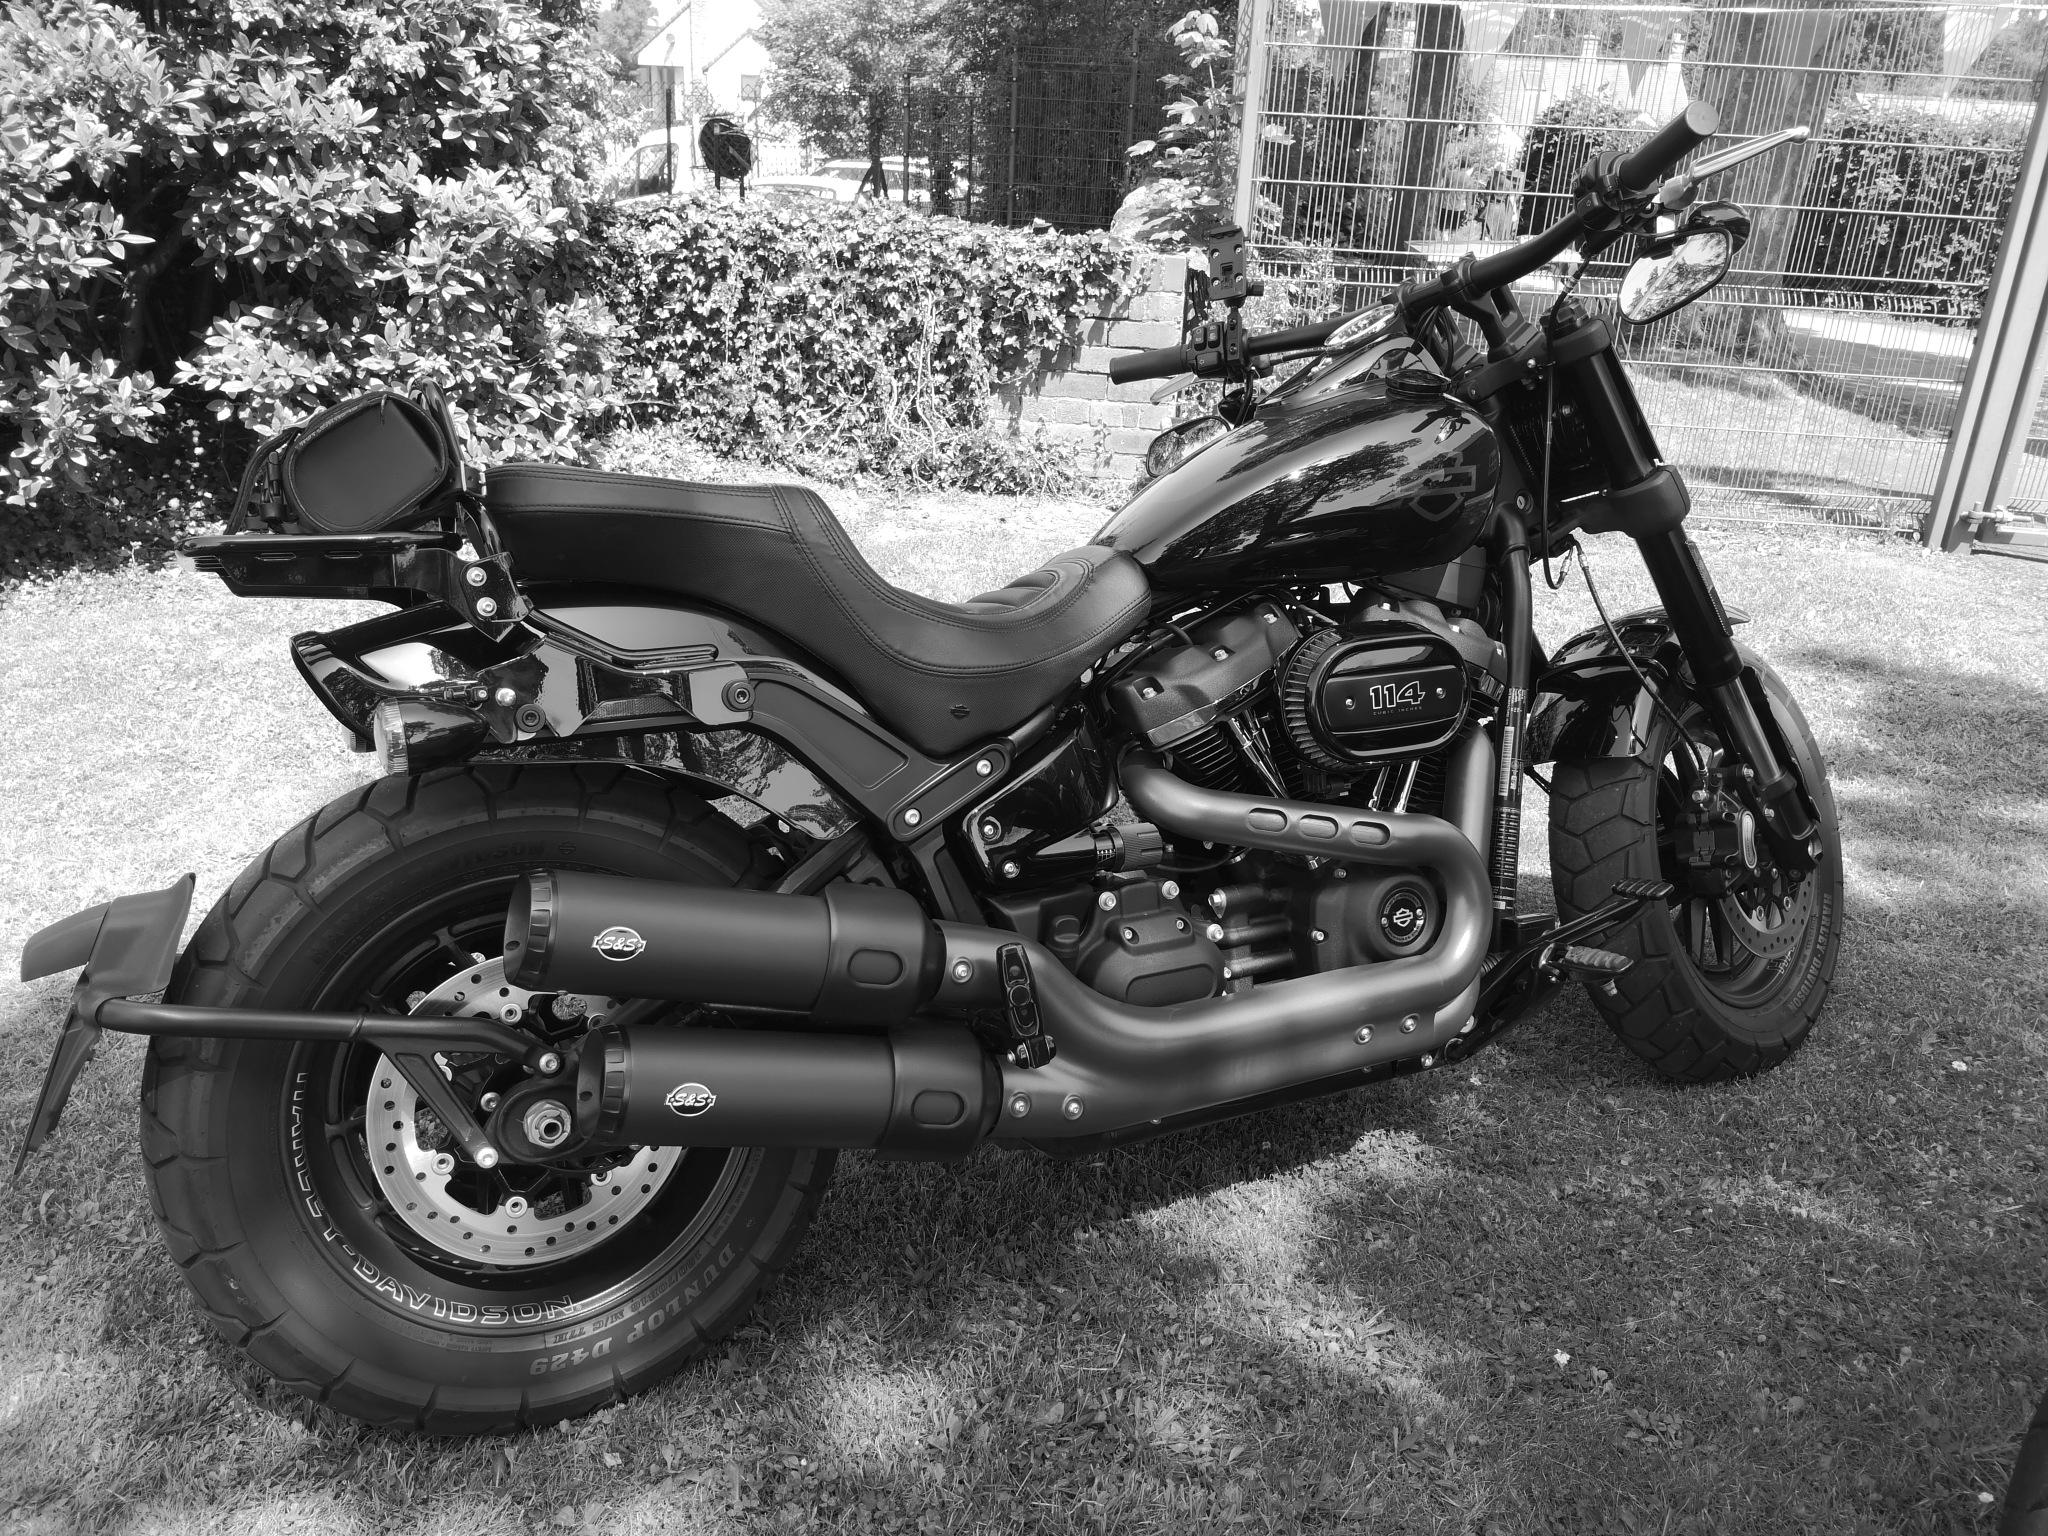 A stunning new Harley Davidson  by Darren Claxton